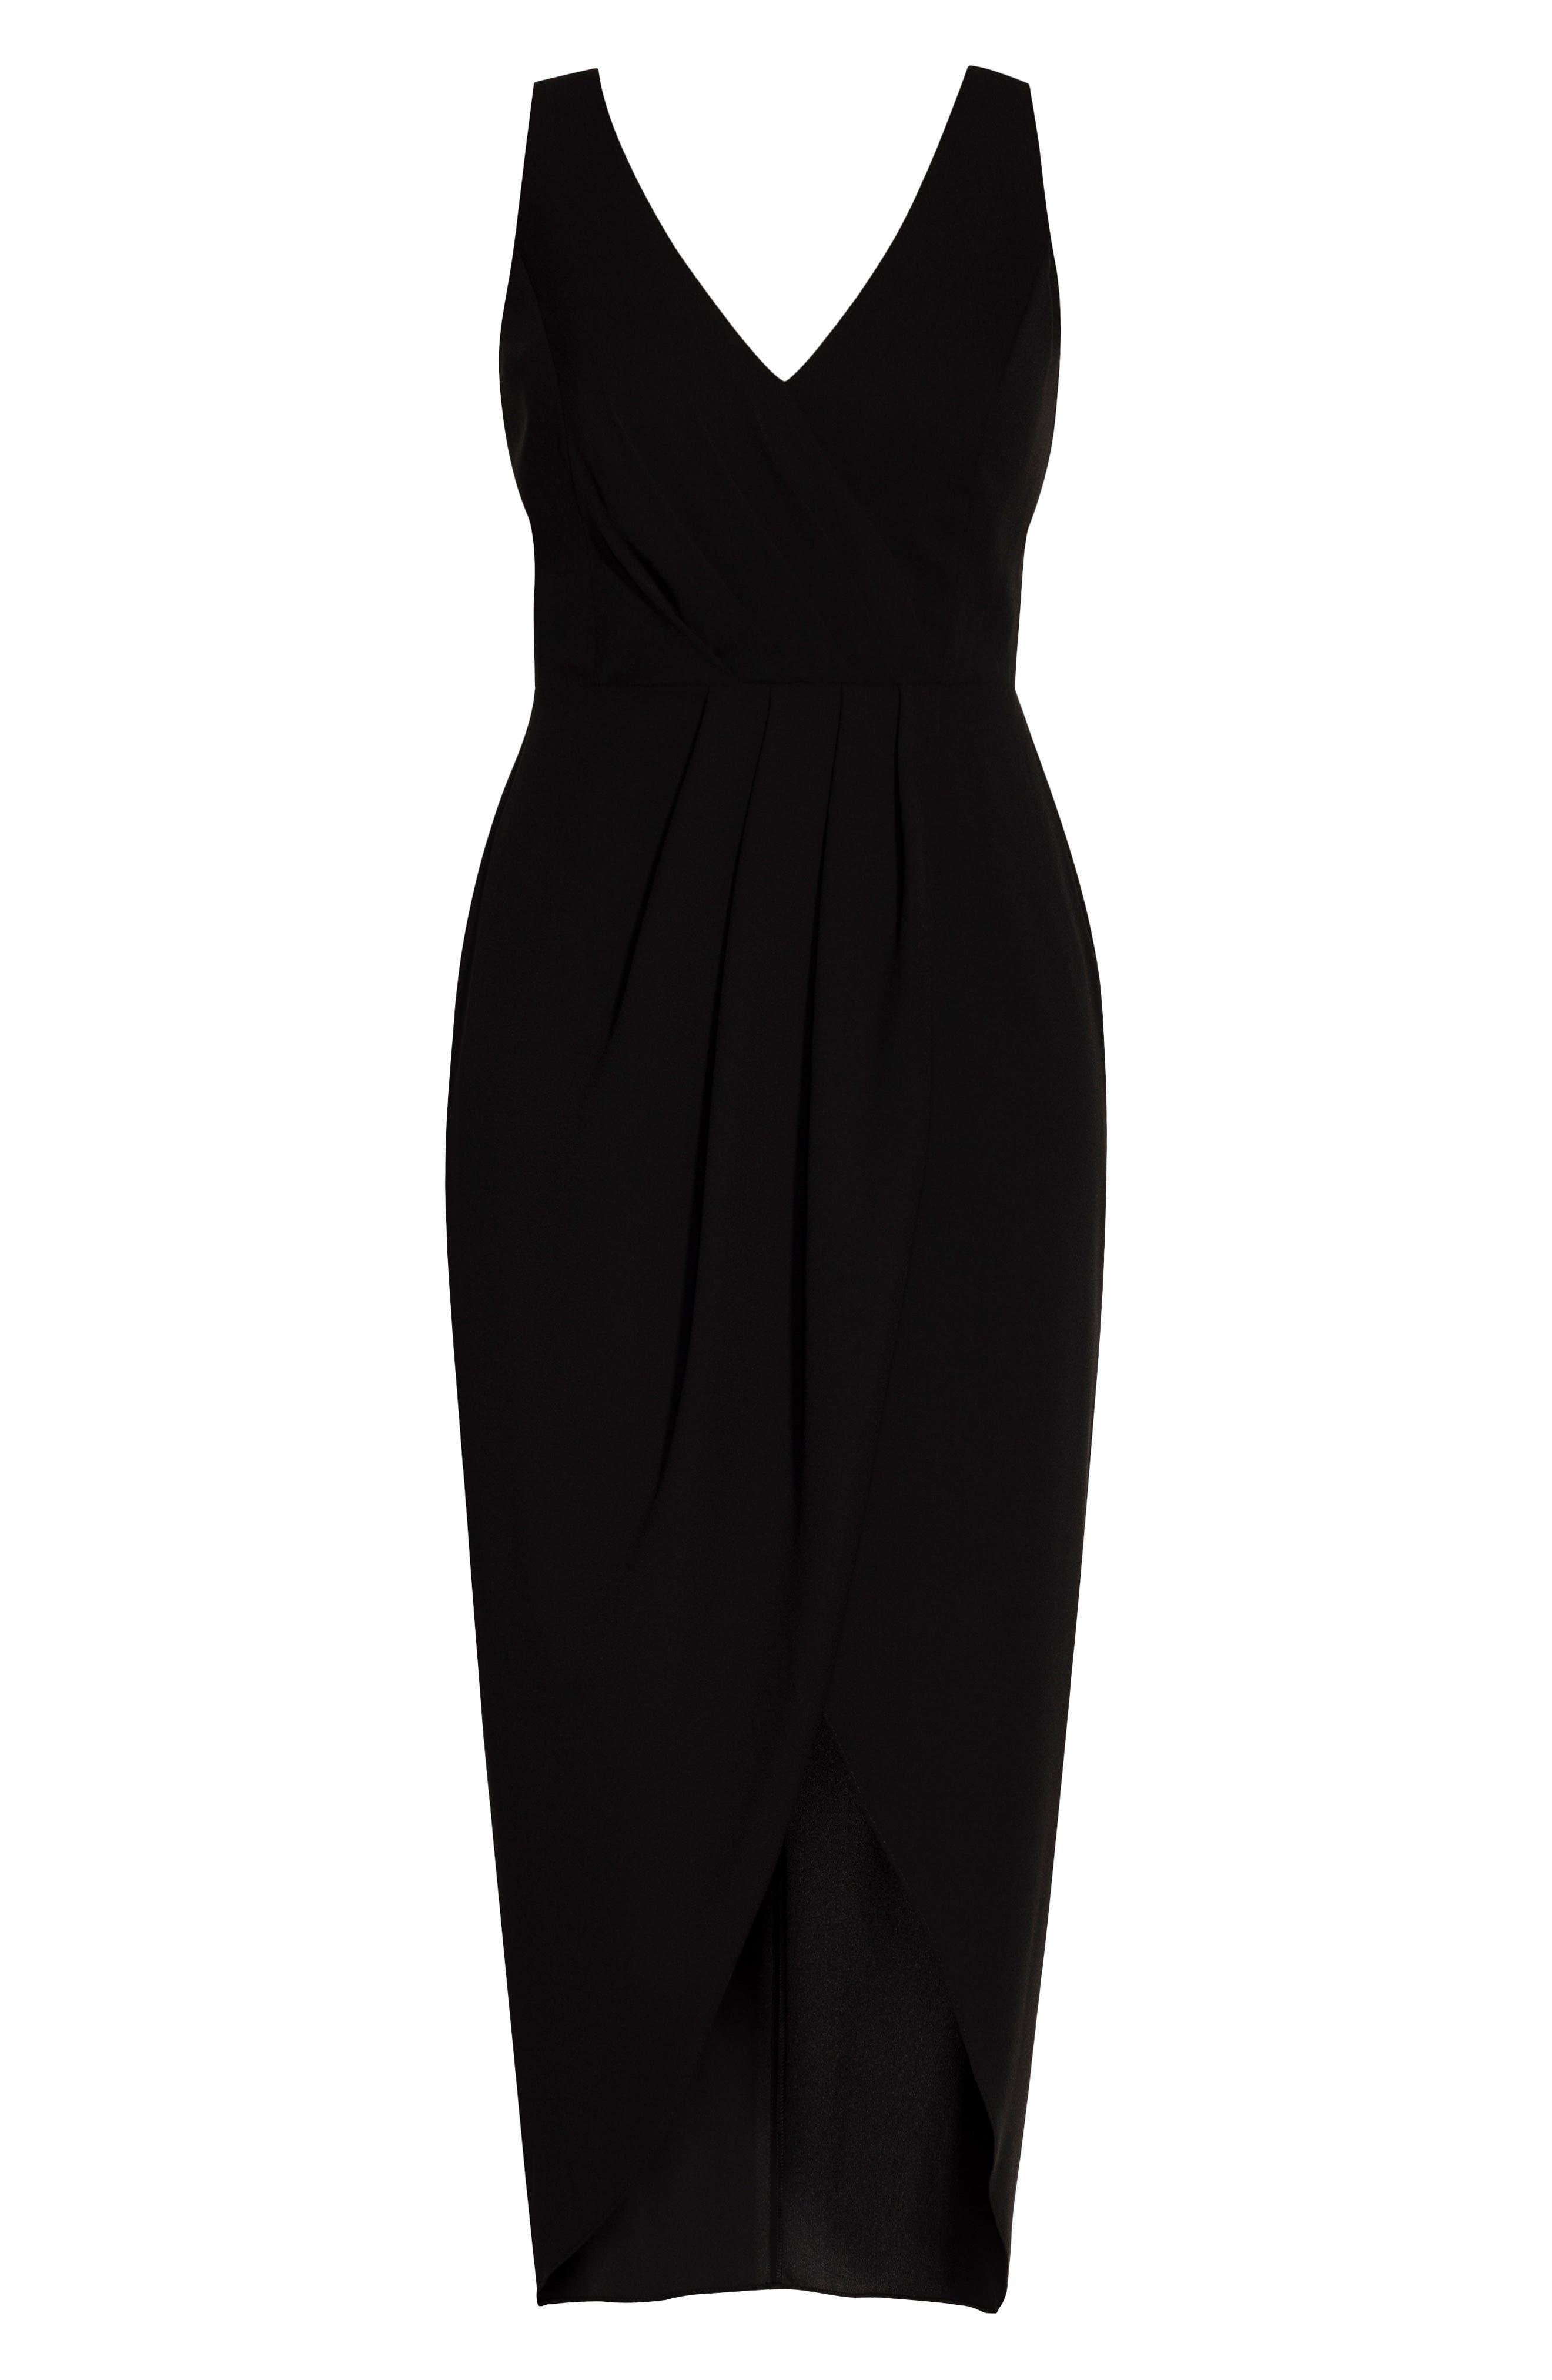 CITY CHIC, Cherish Maxi Dress, Alternate thumbnail 3, color, BLACK